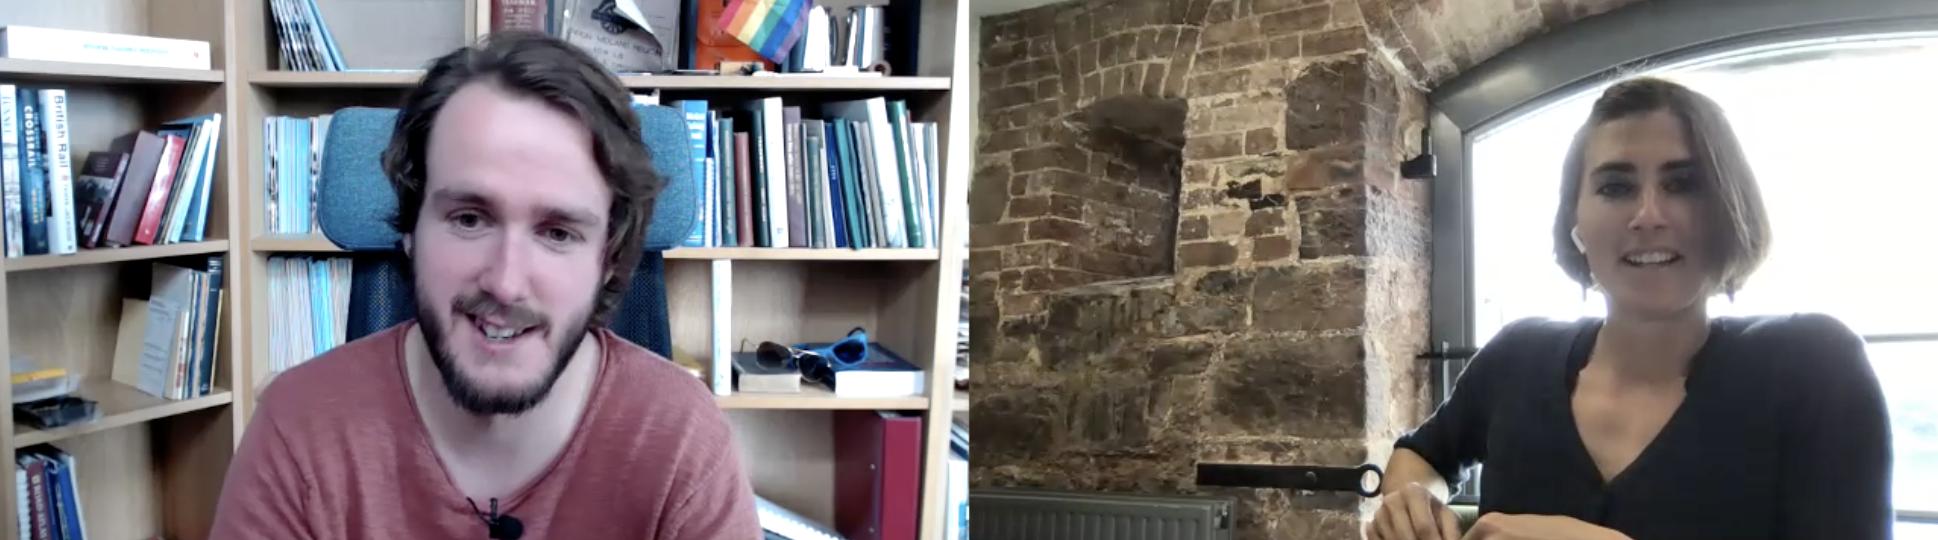 Gareth Dennis interview